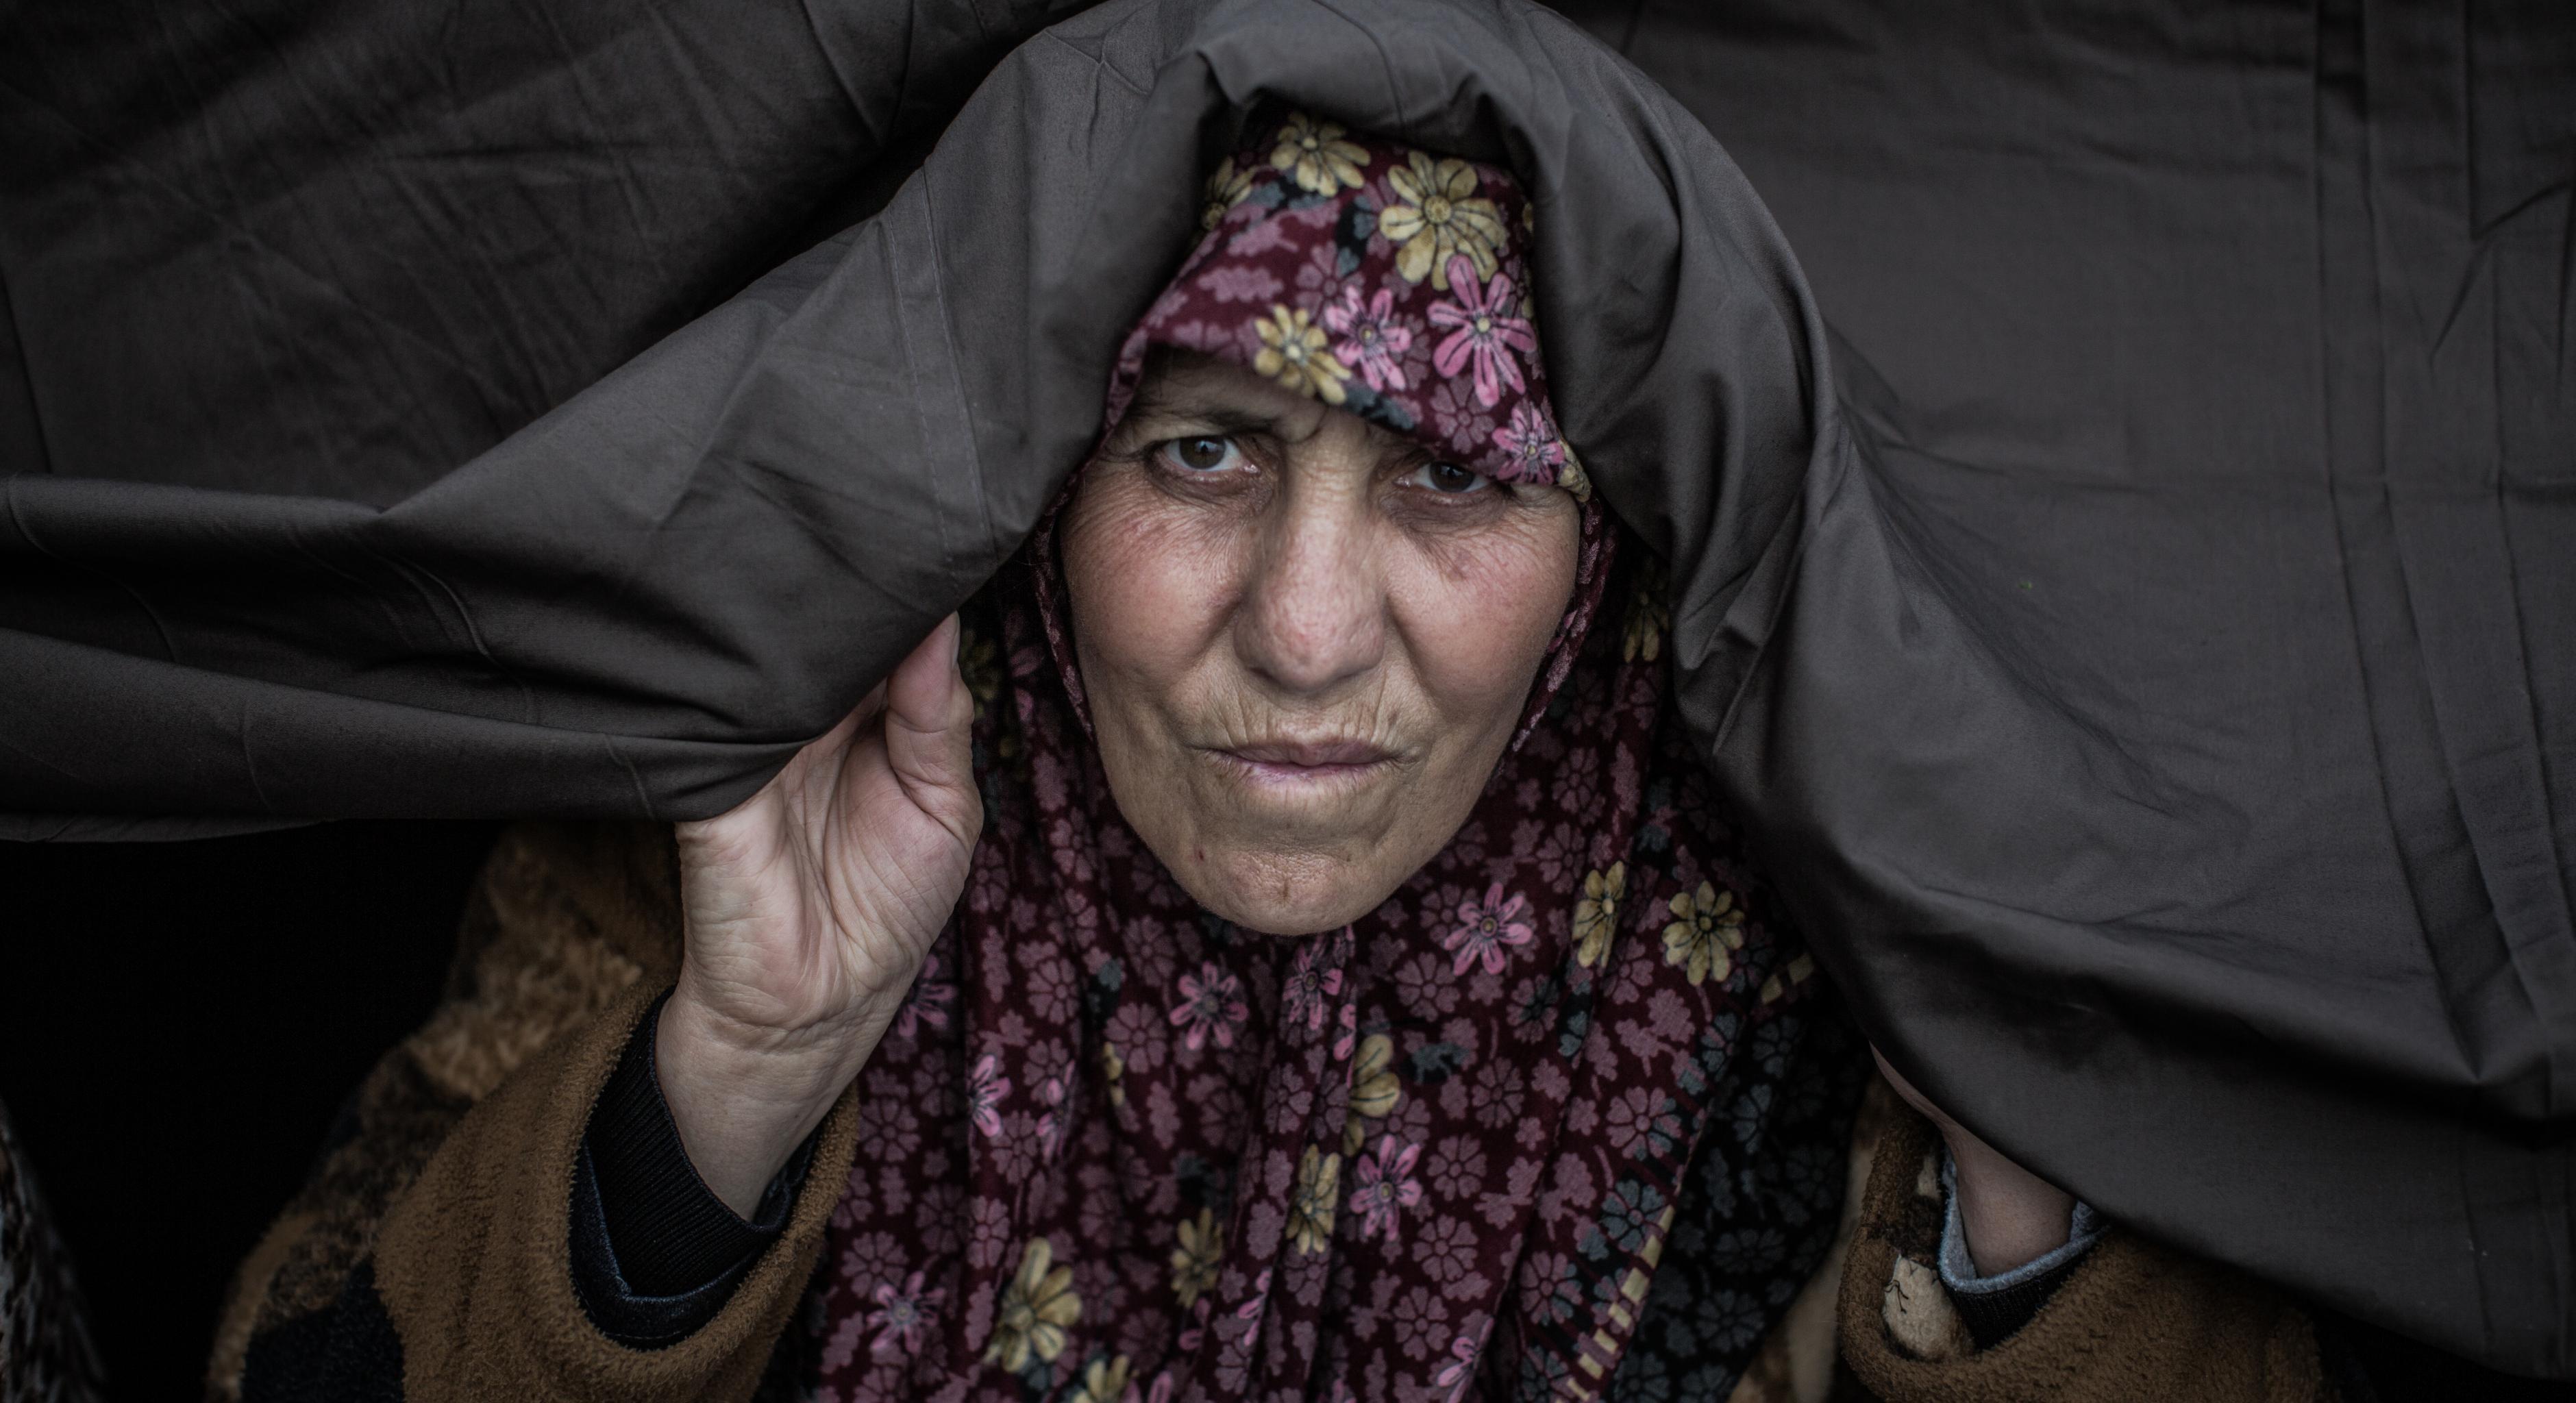 Eine Frau blickt entschlossen in die Kamera